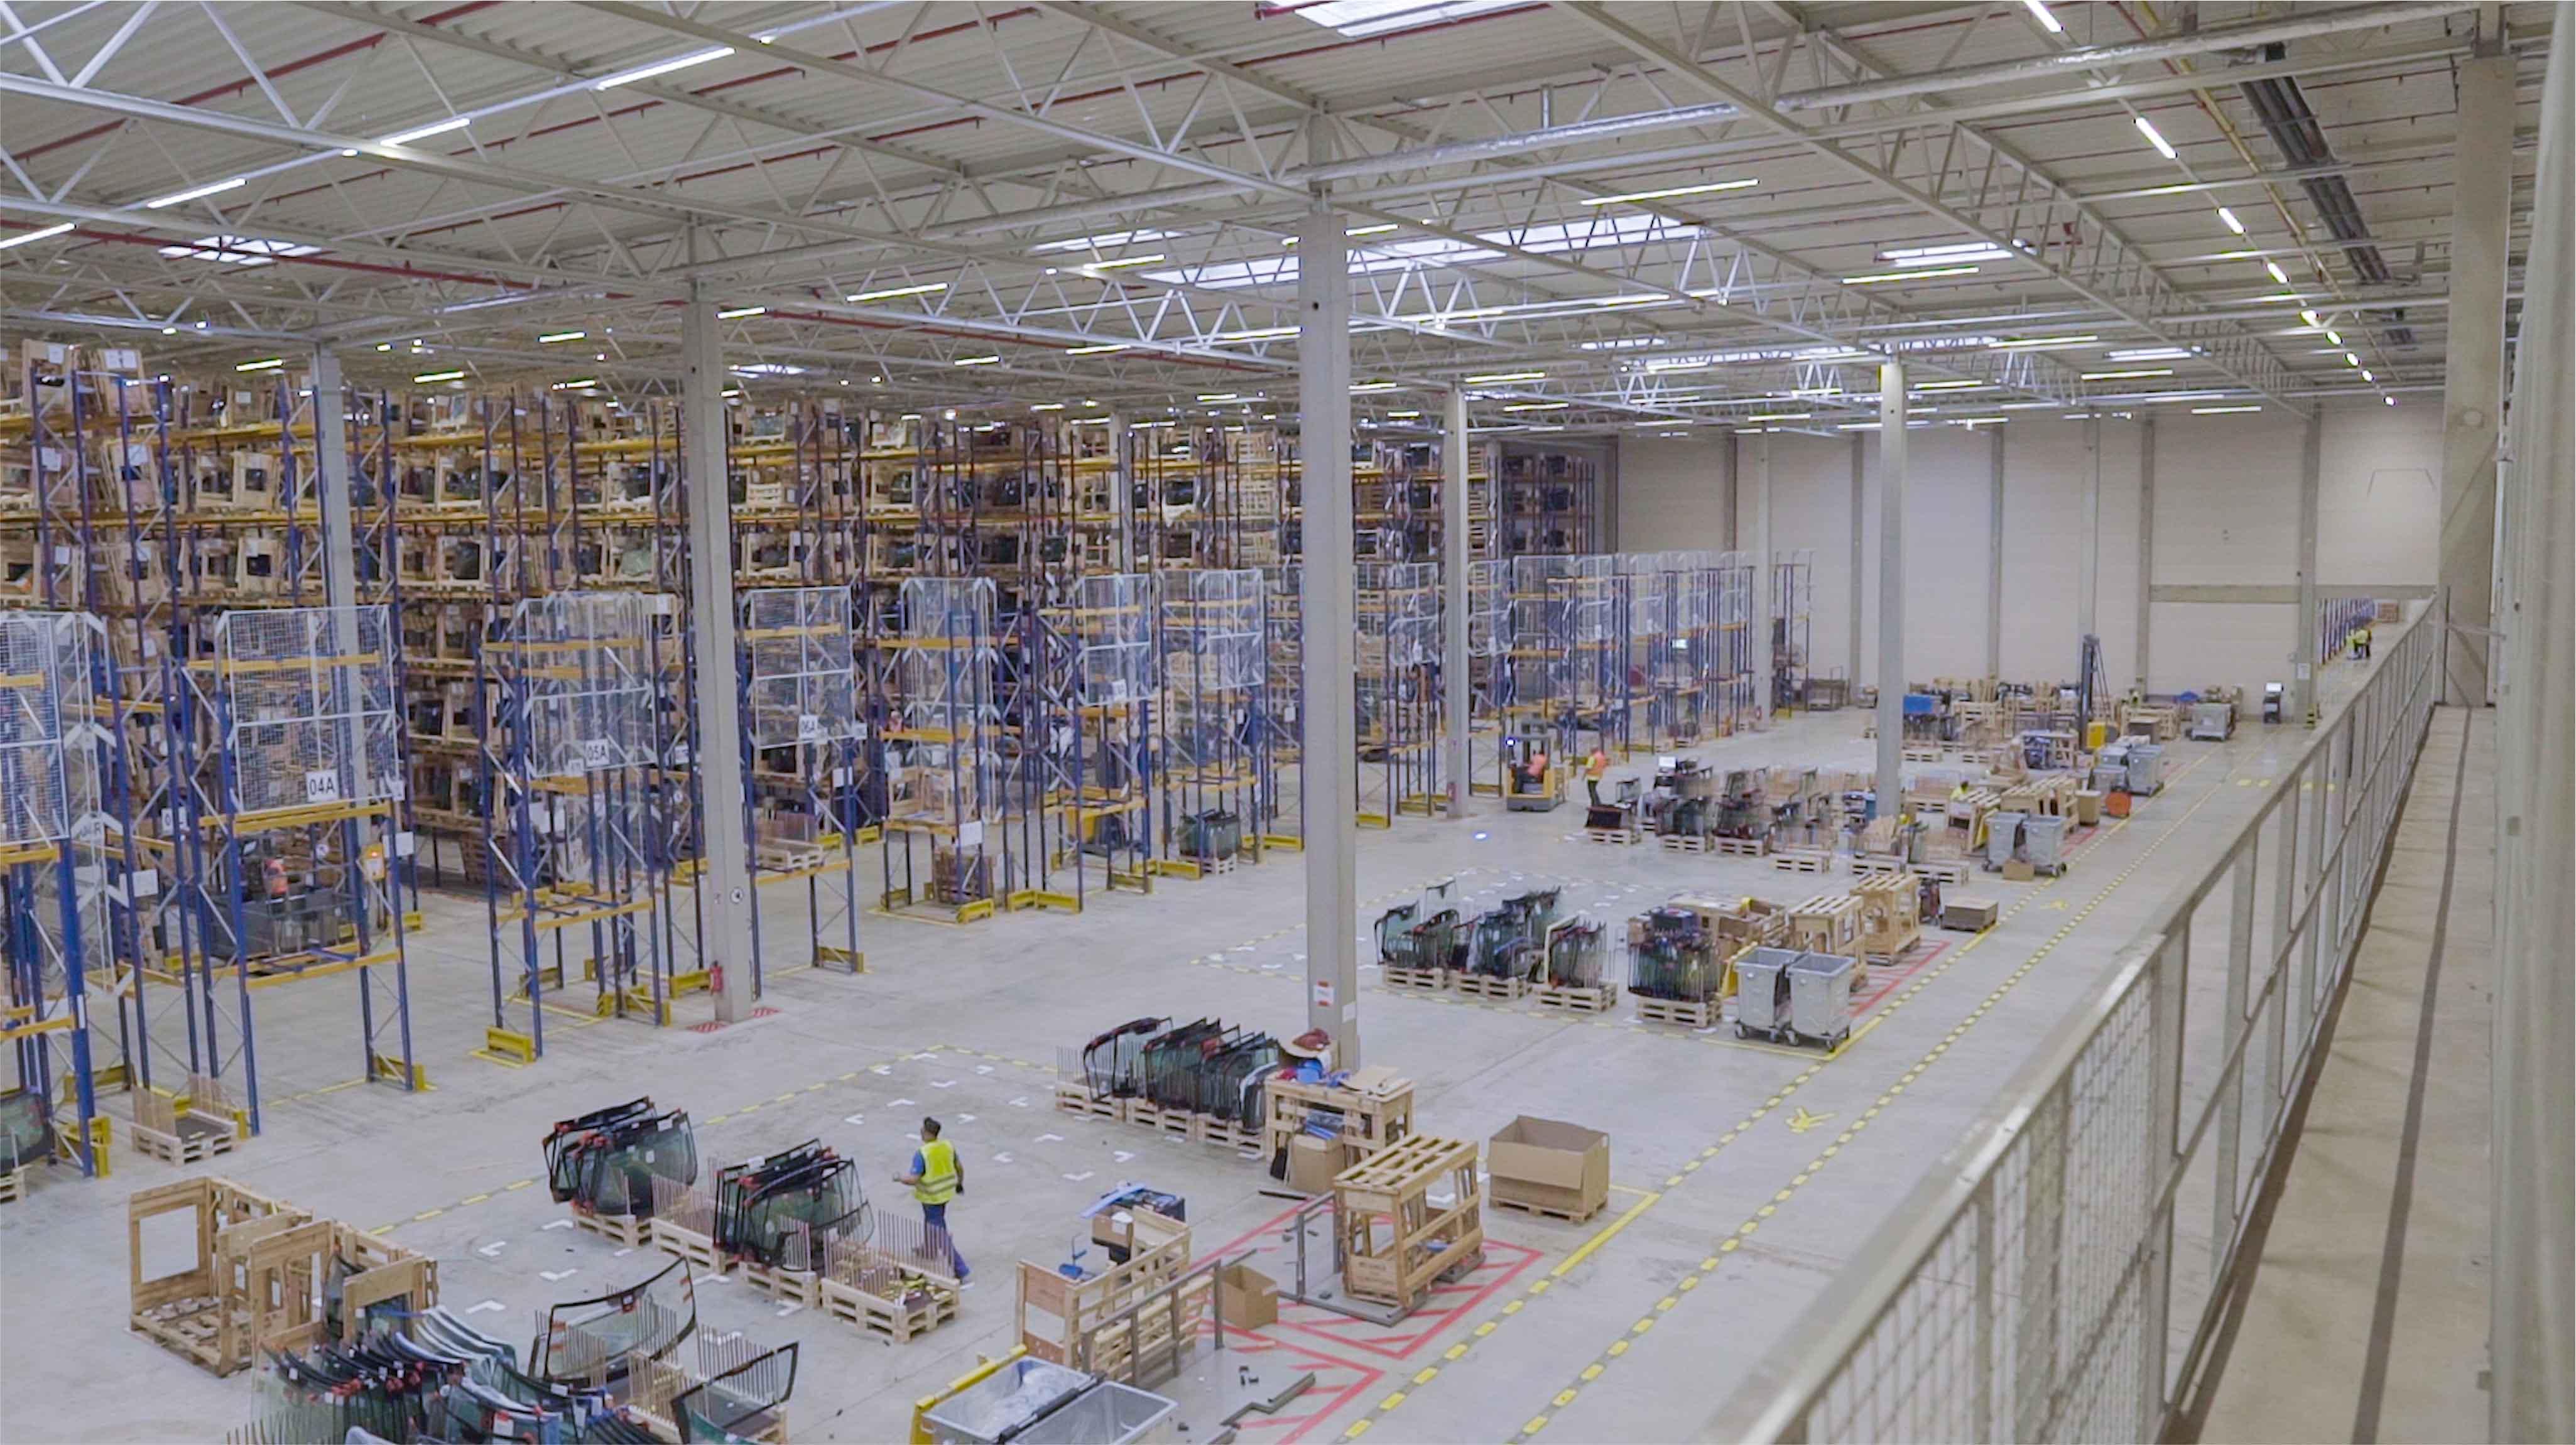 昕诺飞智能互联系统助力皮尔金顿集团打造智慧物流仓库